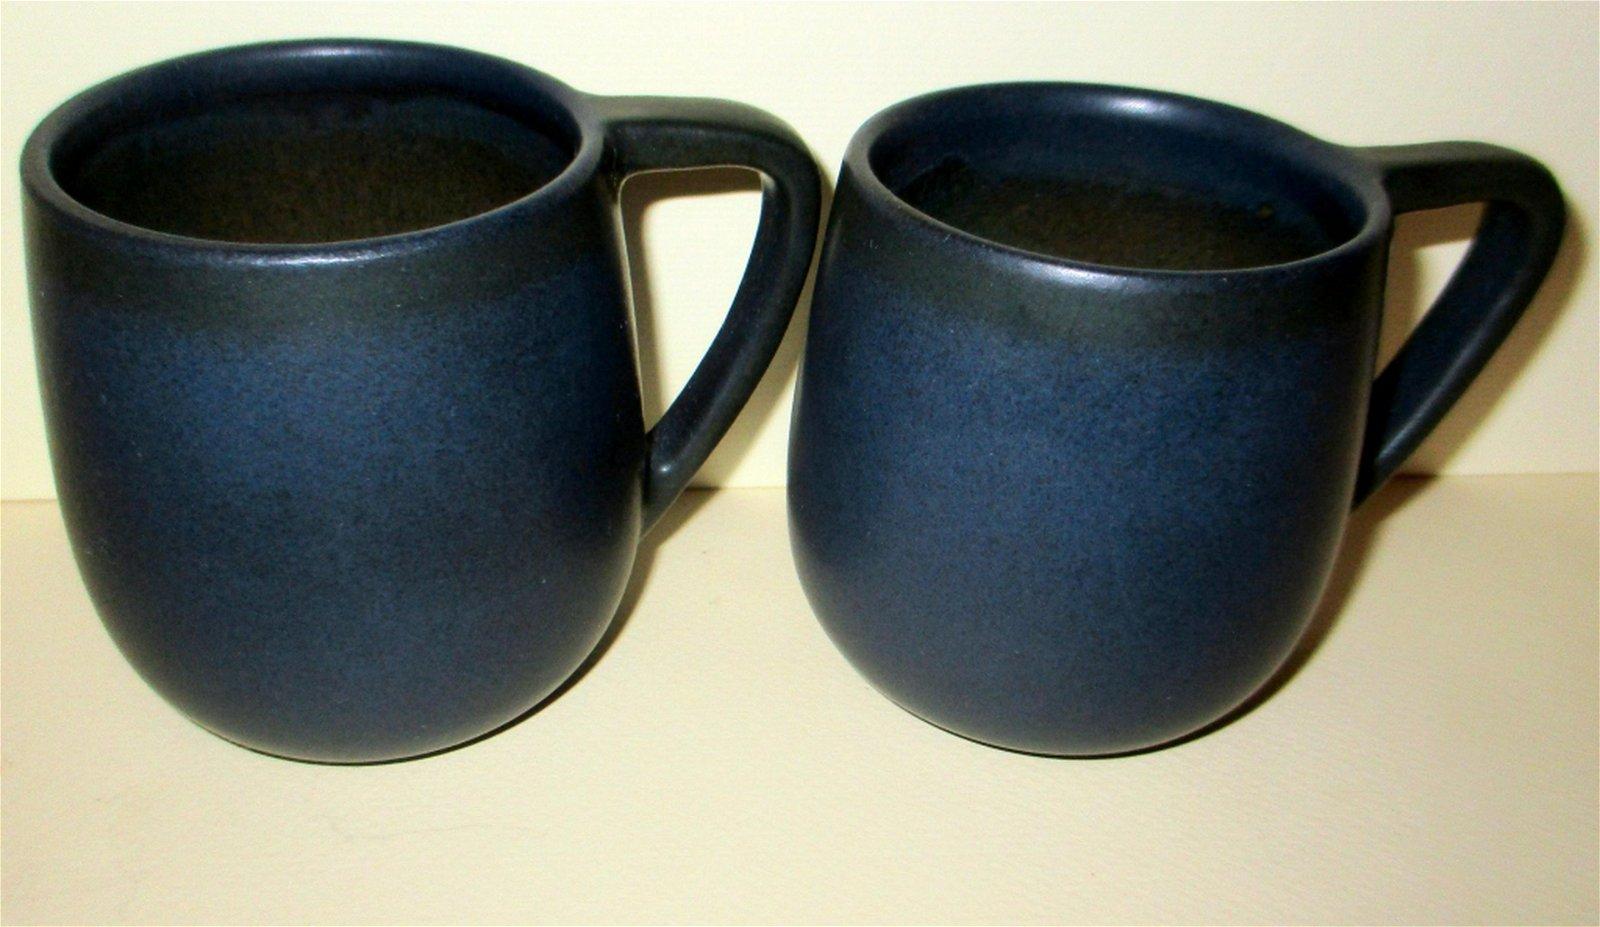 Pair of Marblehead Mugs